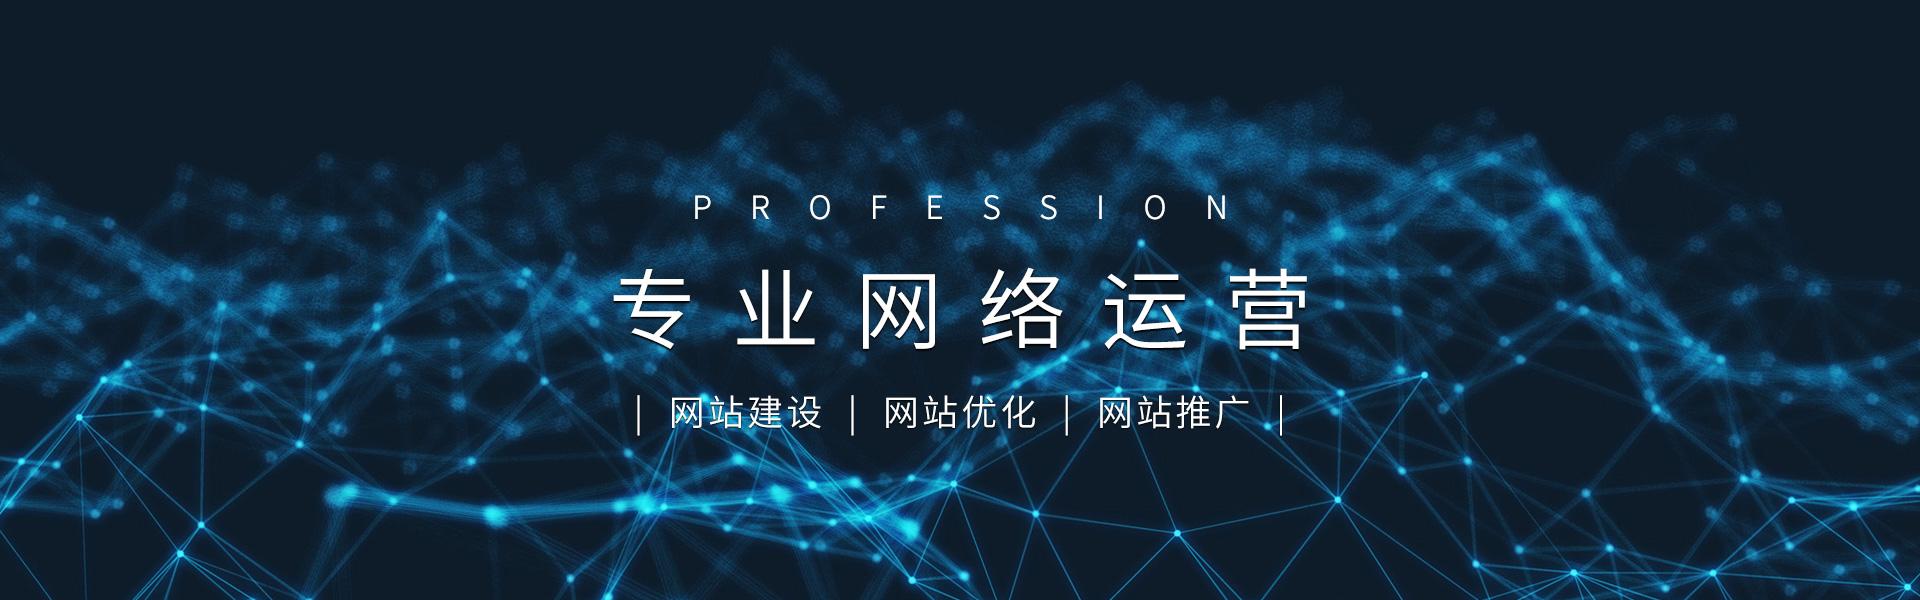 淄博网络优化